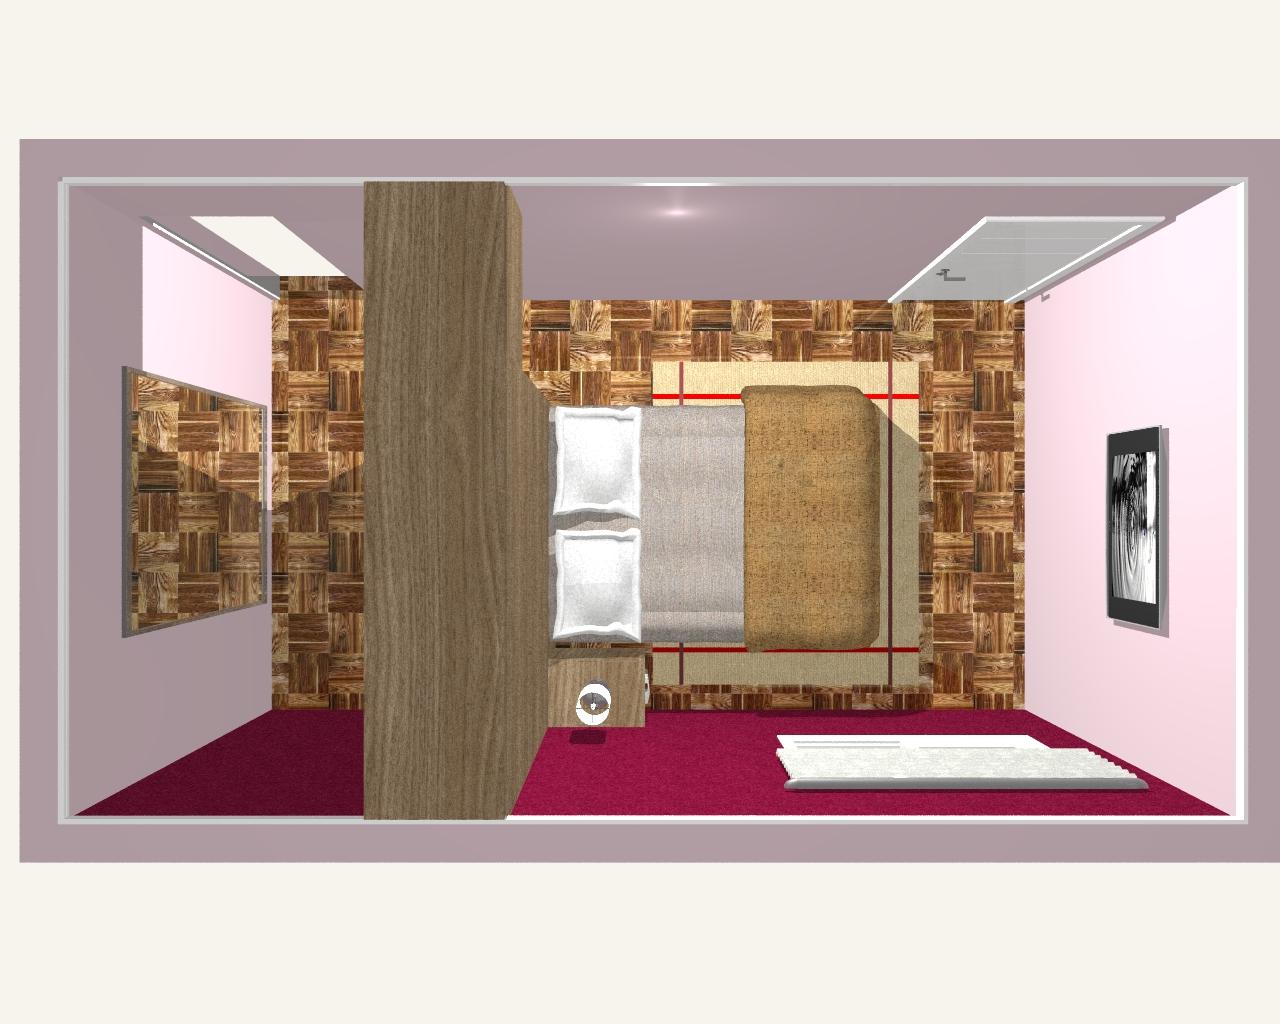 Foi criado um espaço onde o próprio fundo do closet forma o painel  #B72214 1280 1024